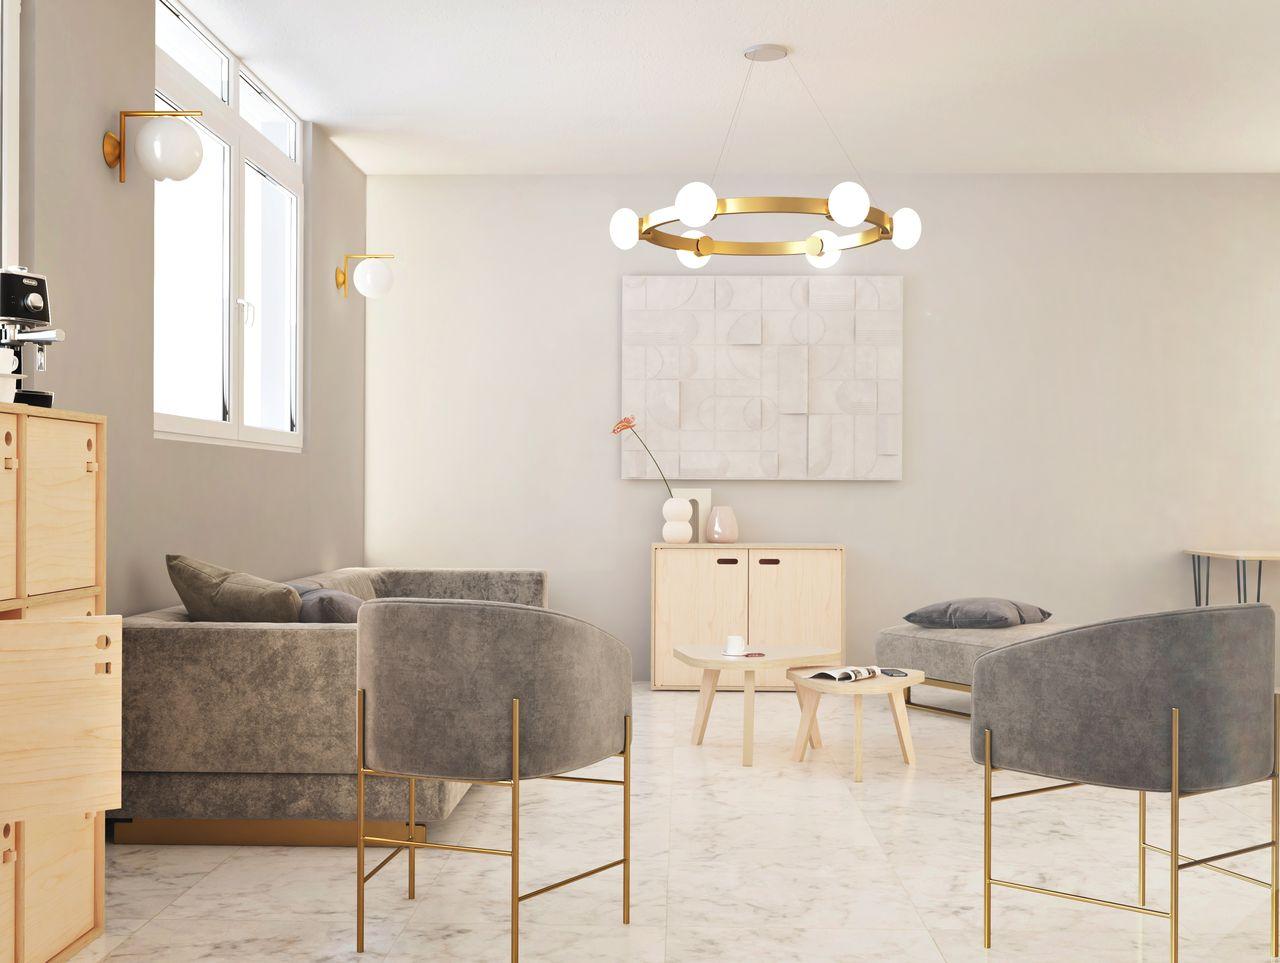 Meuble de rangement en bois disposé dans un espace détente à l'ambiance contemporaine avec son sol effet marbre et ses luminaires de couleur dorée